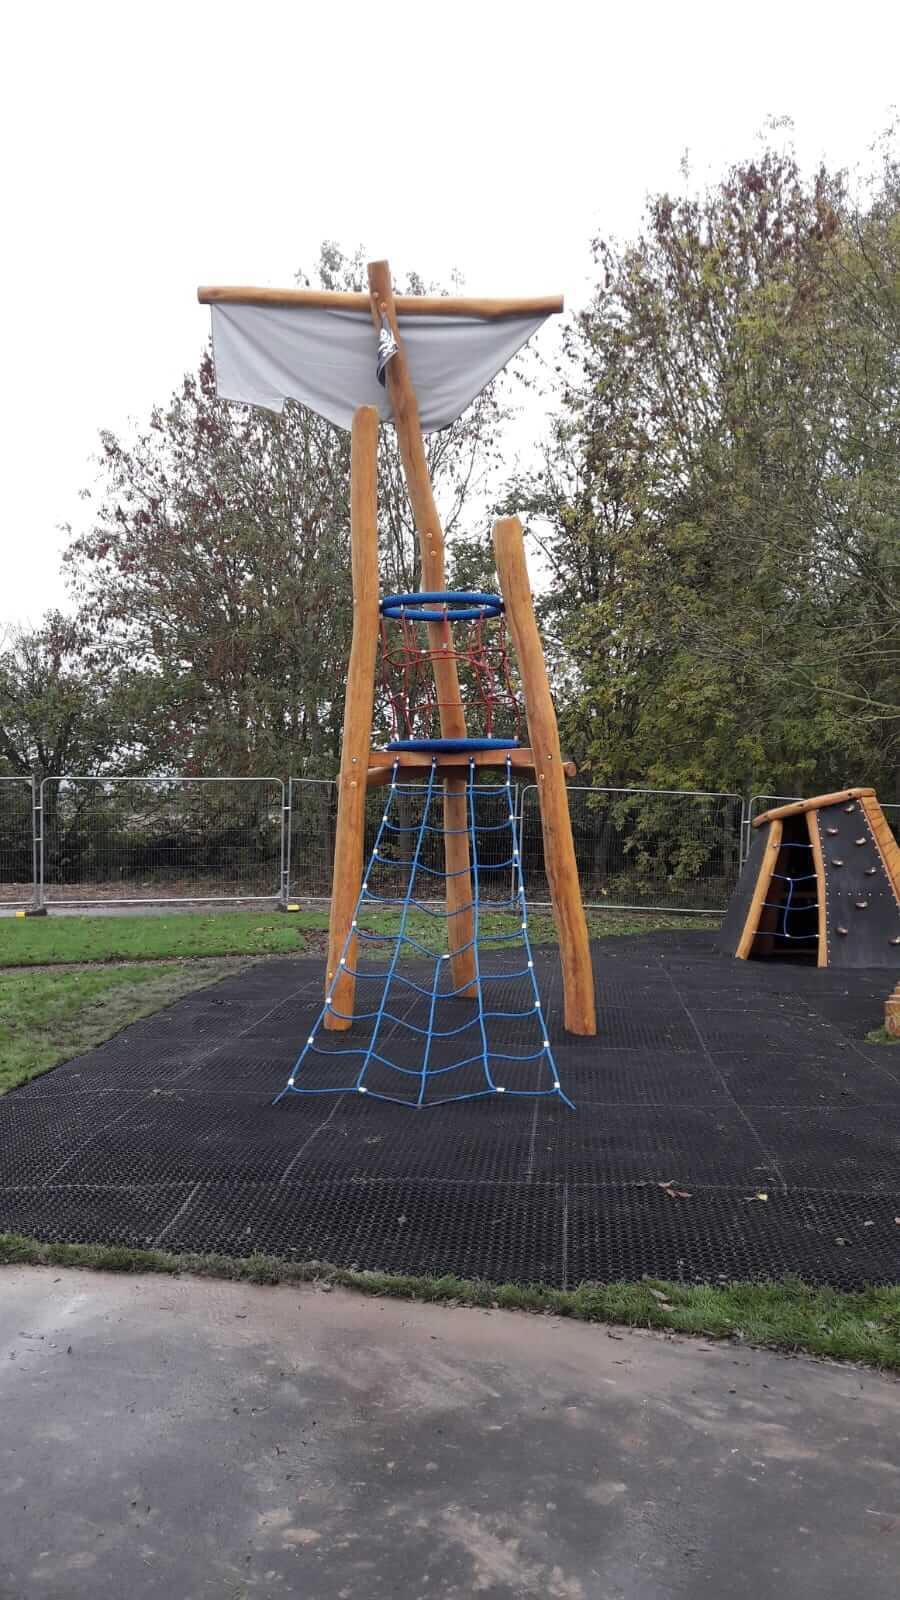 childrens playground surfacing